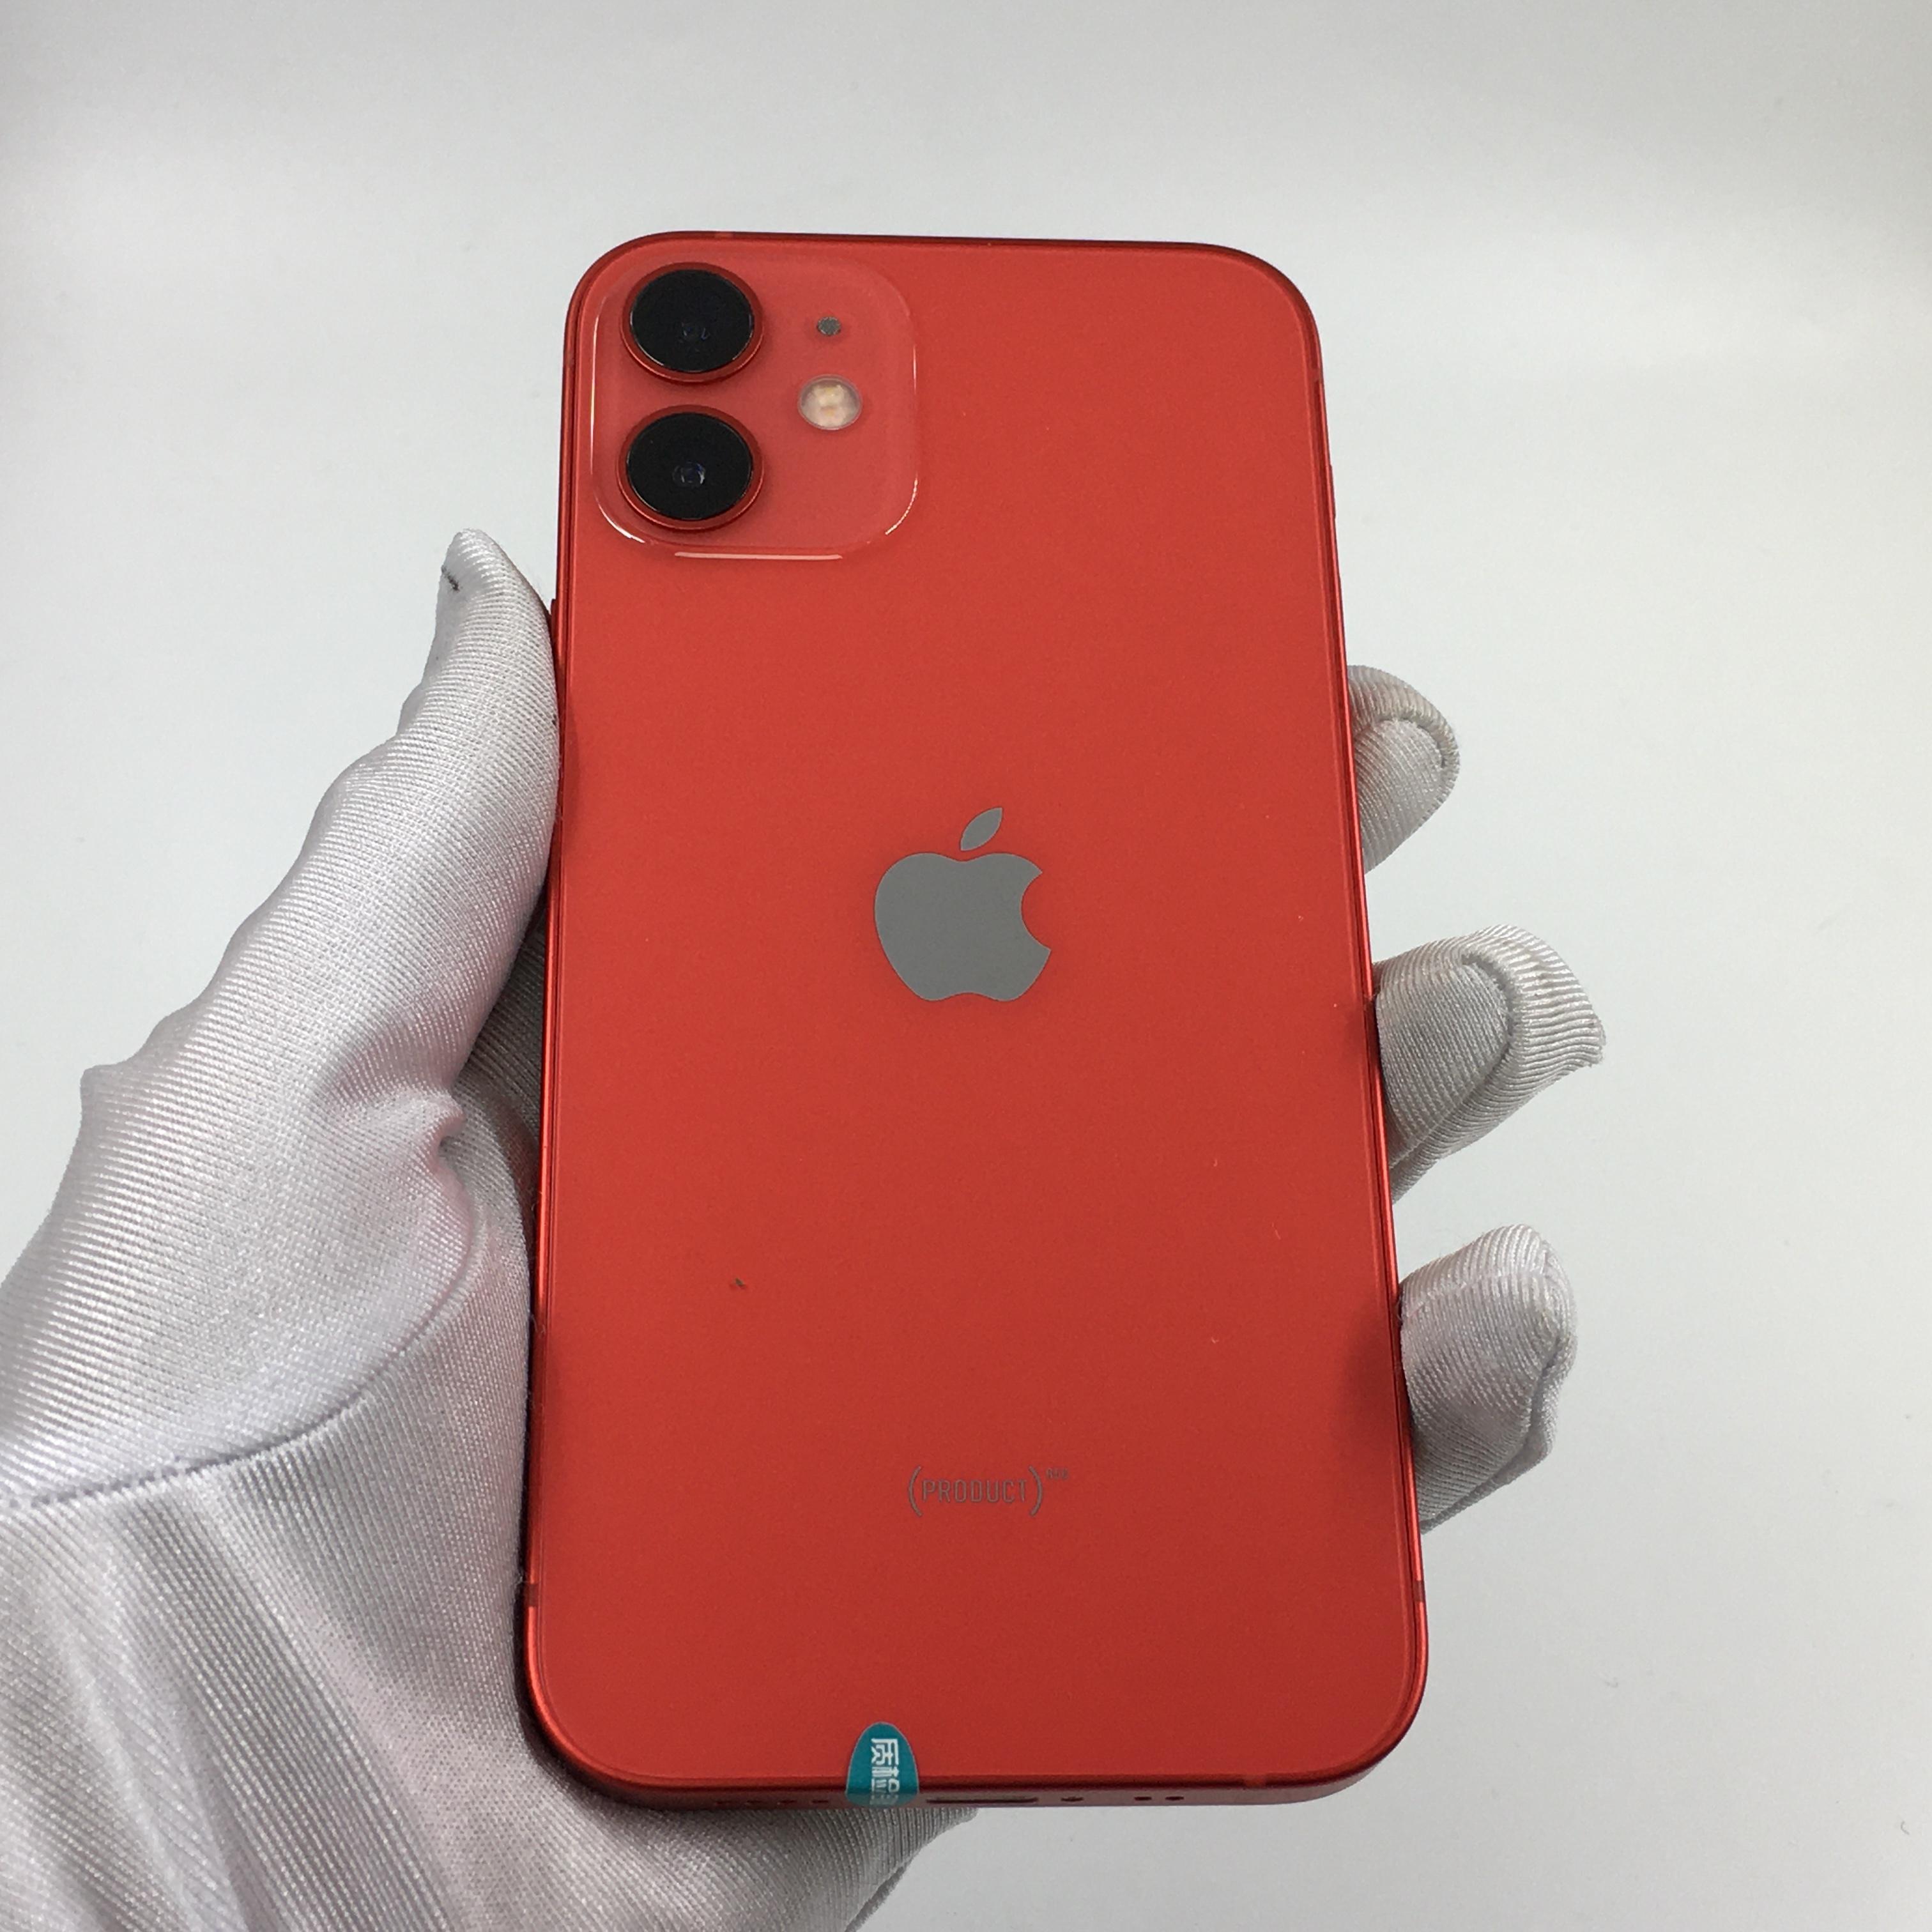 苹果【iPhone 12 mini】5G全网通 红色 64G 国行 9成新 64G真机实拍